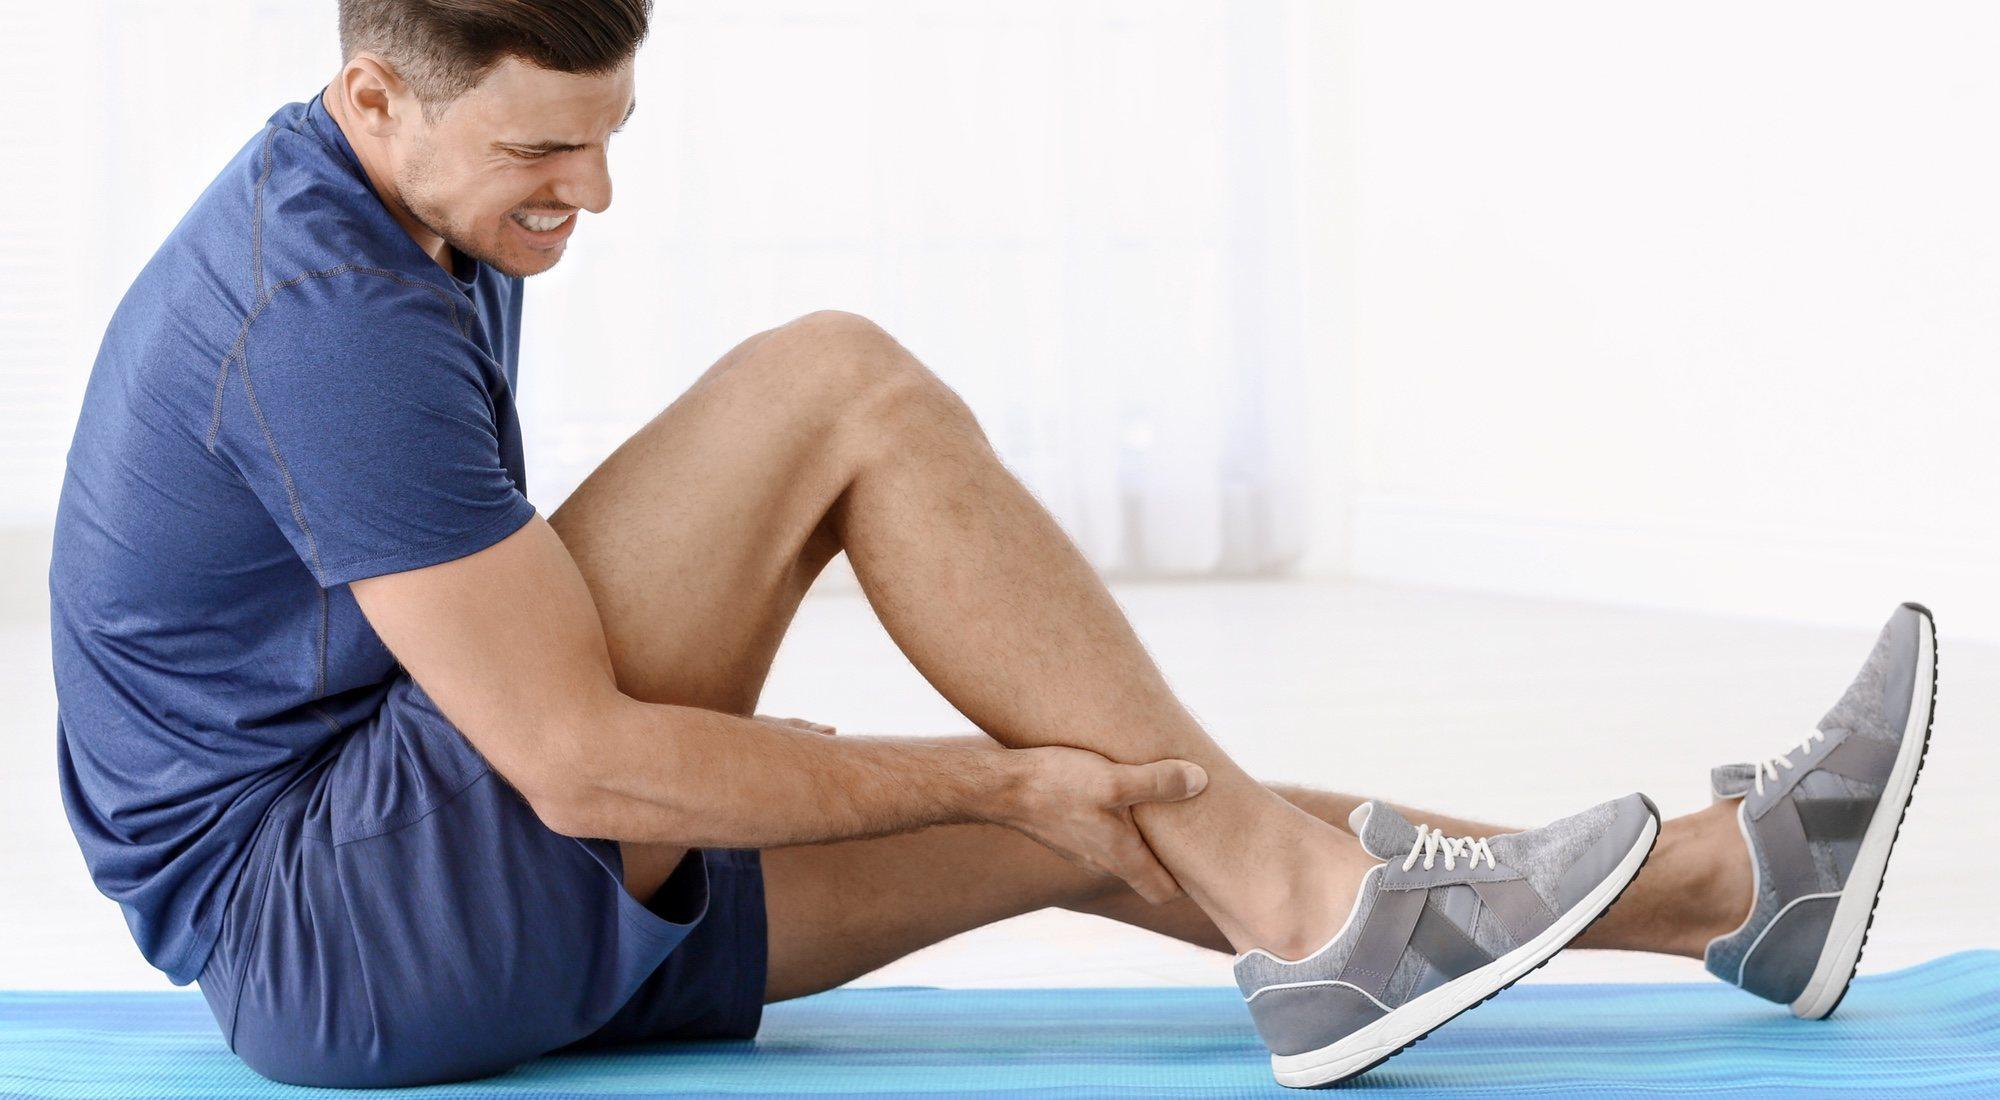 Las piernas muscular tratamiento para en dolor